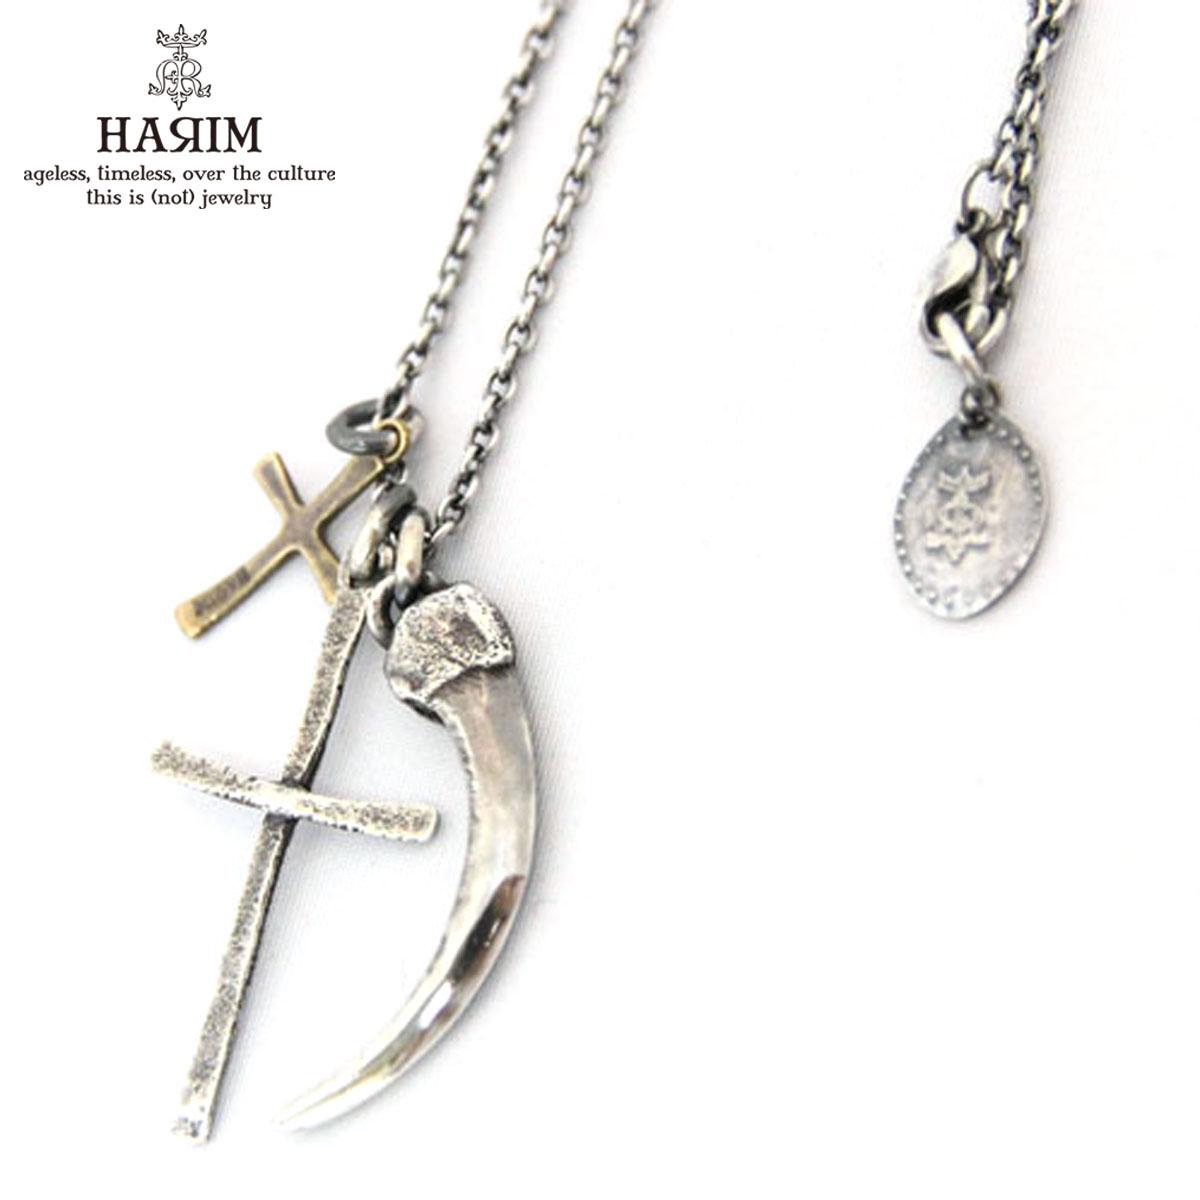 ハリム HARIM 正規販売店 ネックレス HARIM LUCK SET CHARMS NECKLACE HRP095S